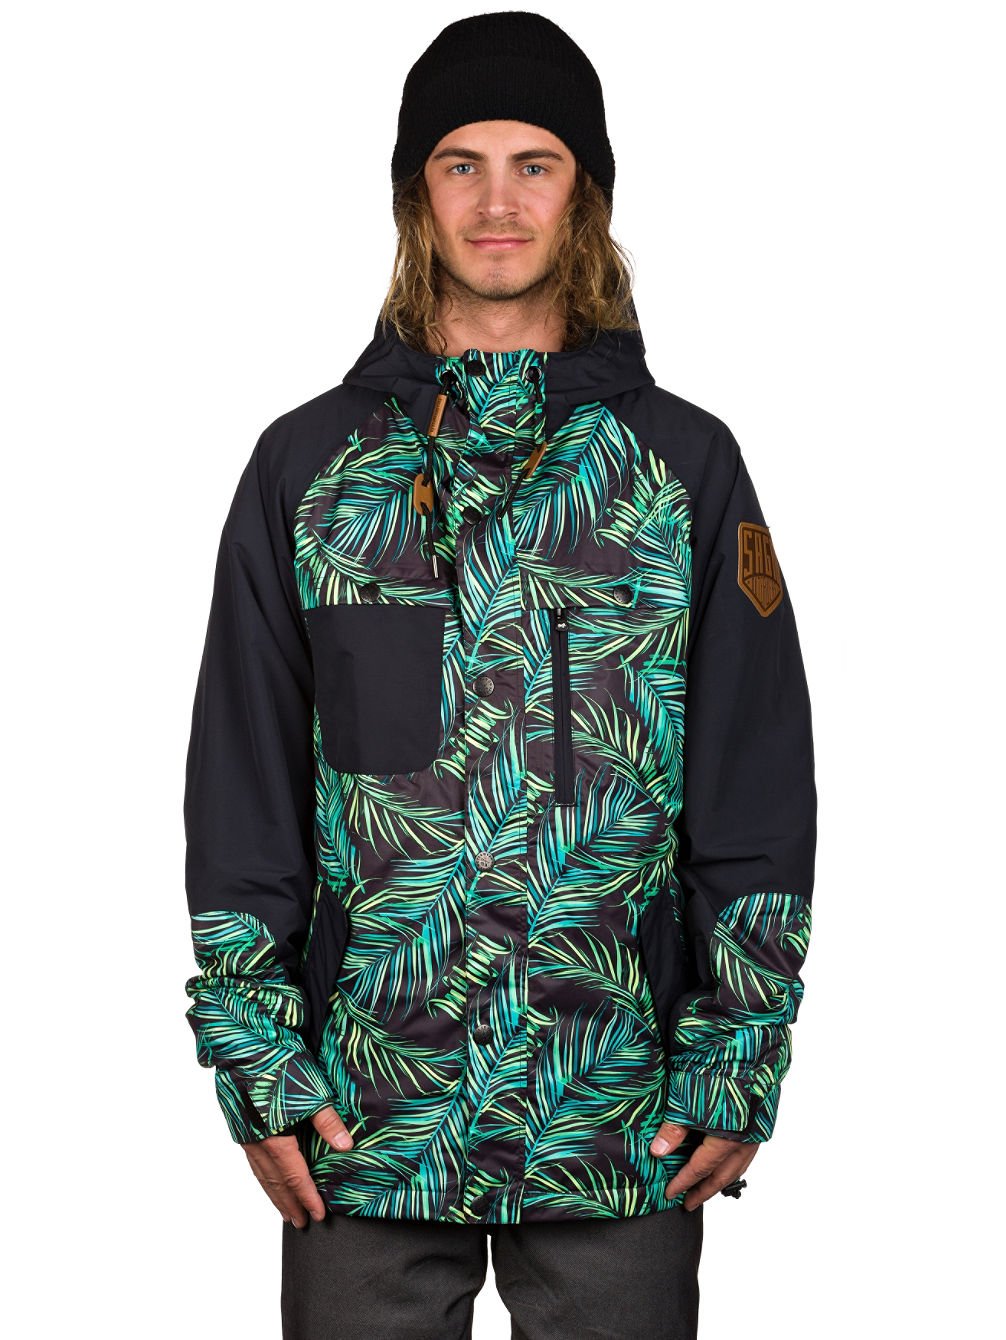 29 new Saga Outerwear Jacket